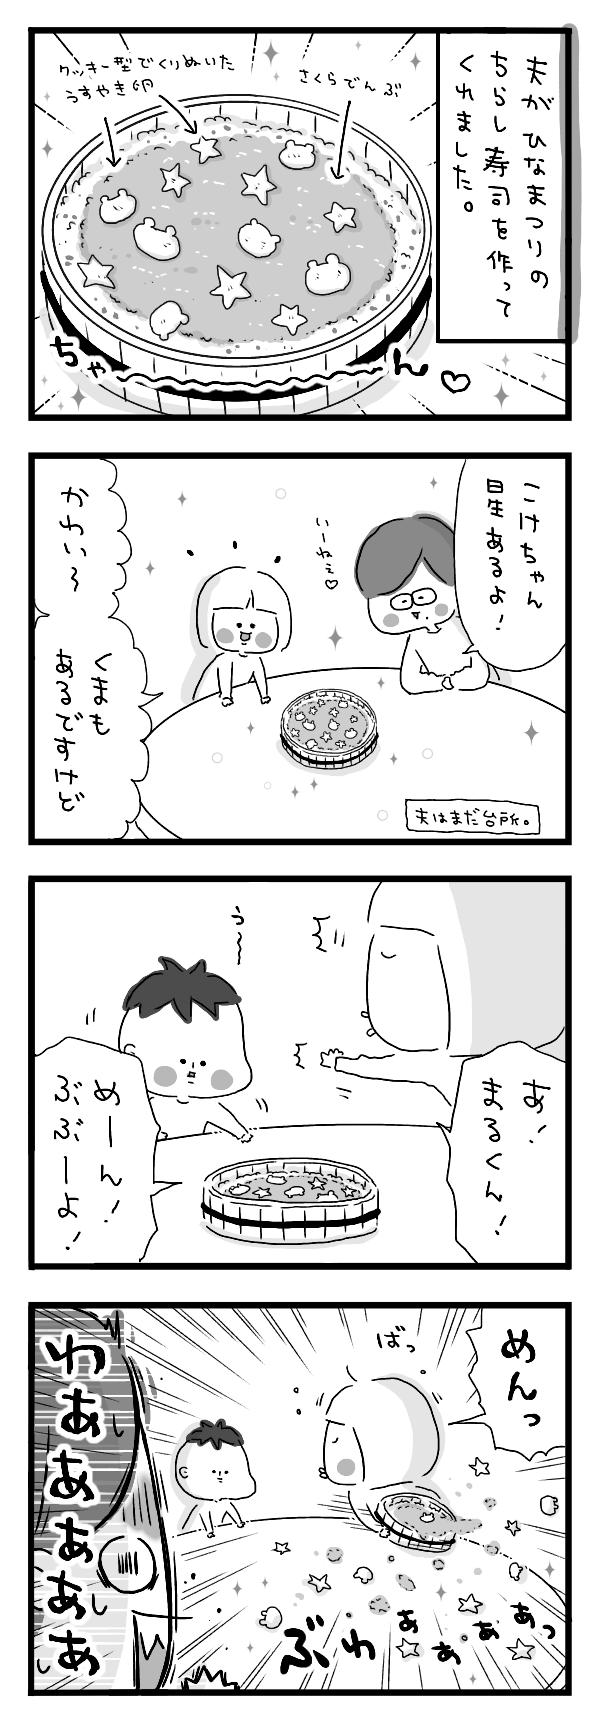 300 お父さんのちらし寿司。png72